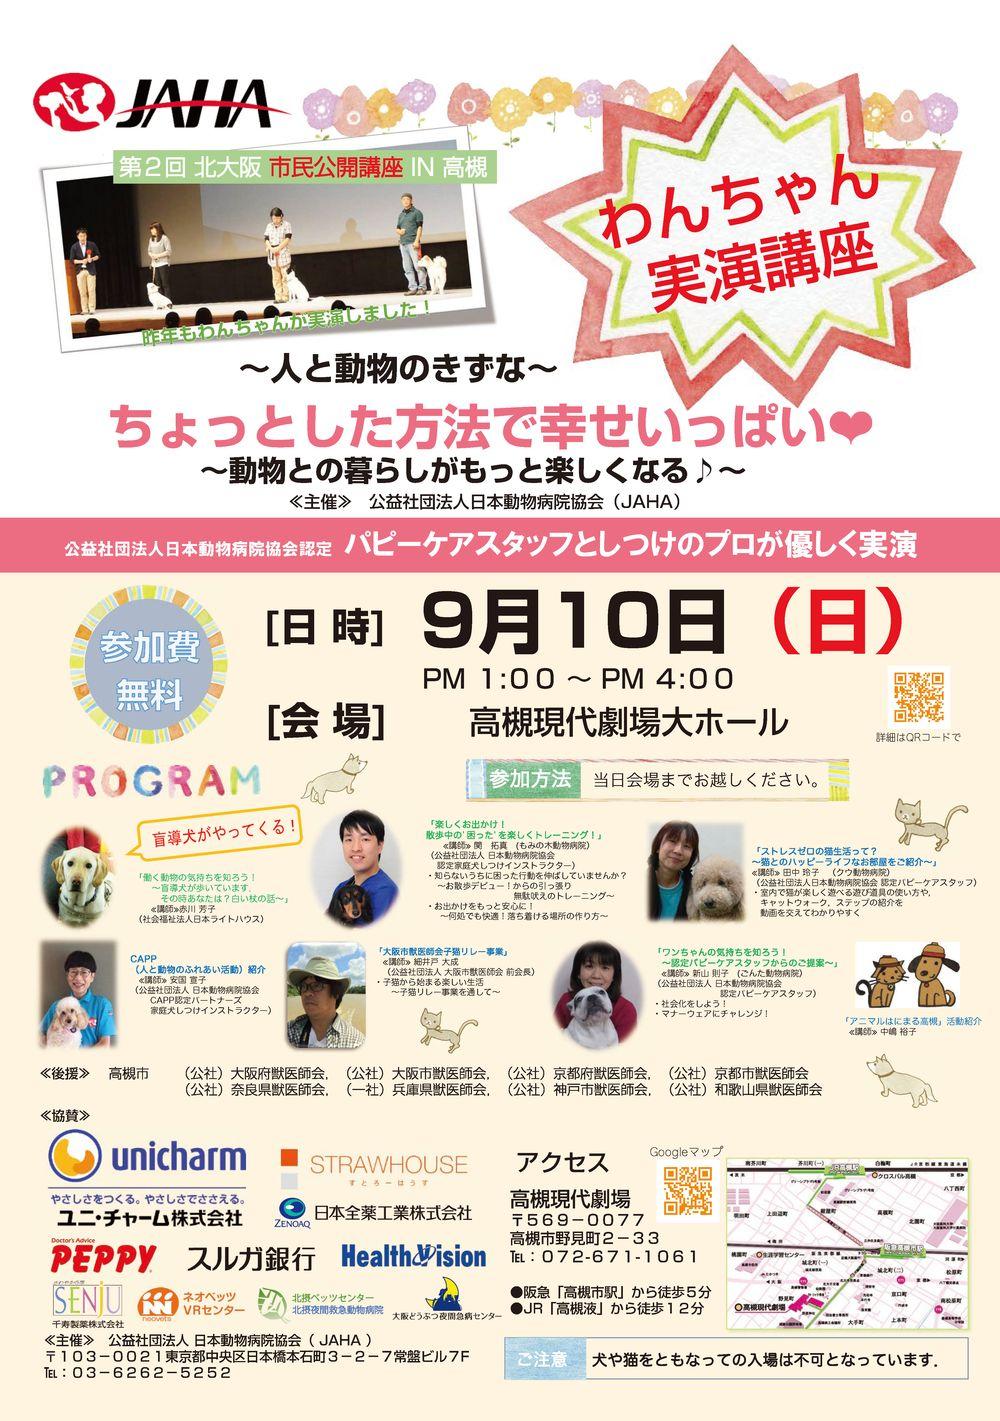 9月10日開催 わんちゃんの実演講座 2017 第2回 JAHA 北大阪 市民公開講座 IN高槻